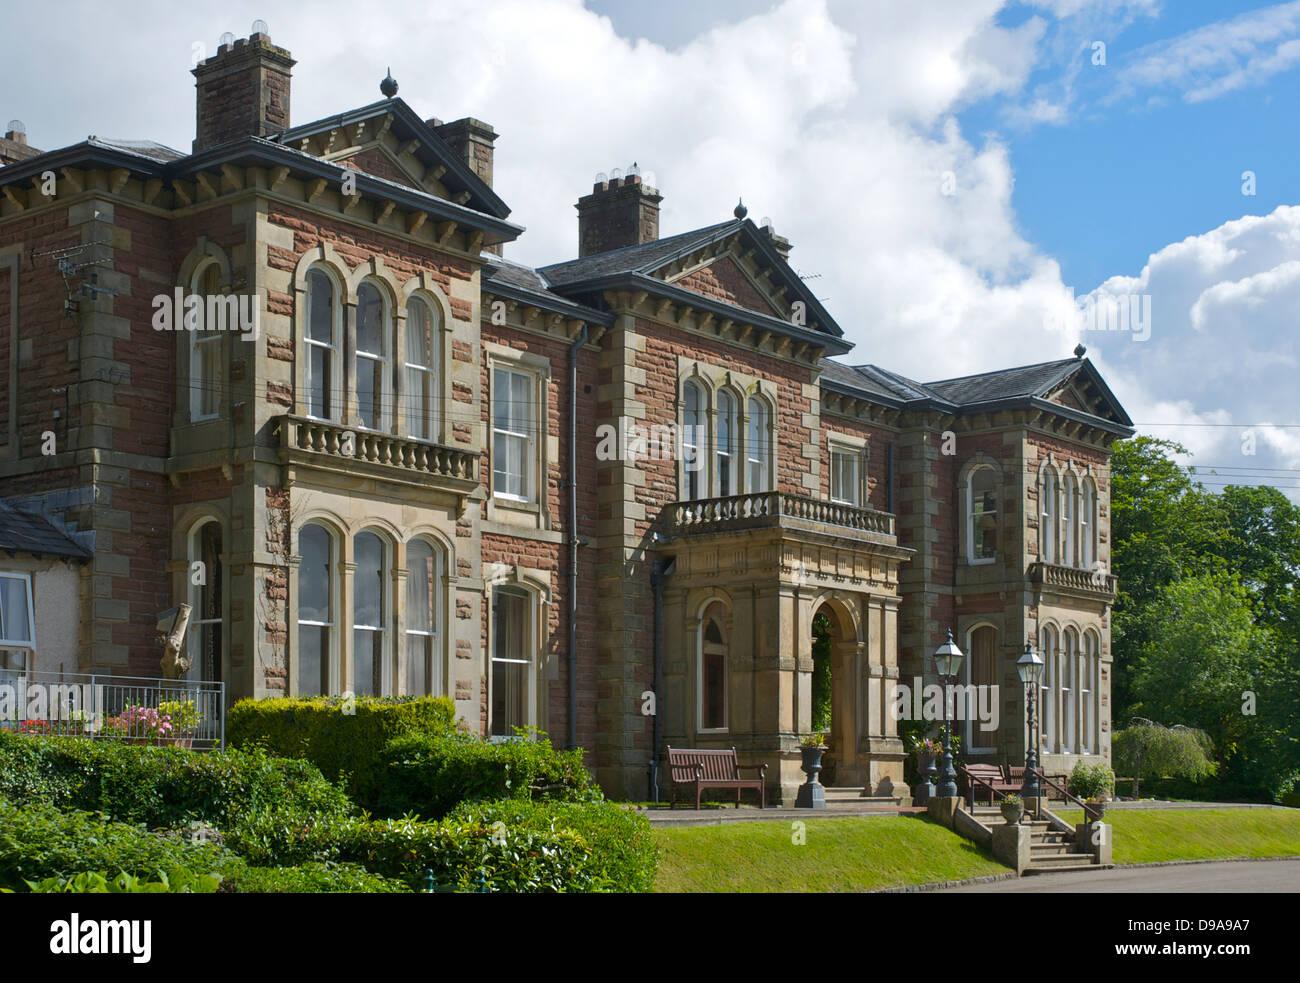 boarbank-hall-nursing-home-allithwaite-grange-over-sands-south-lakeland-D9A9A7.jpg